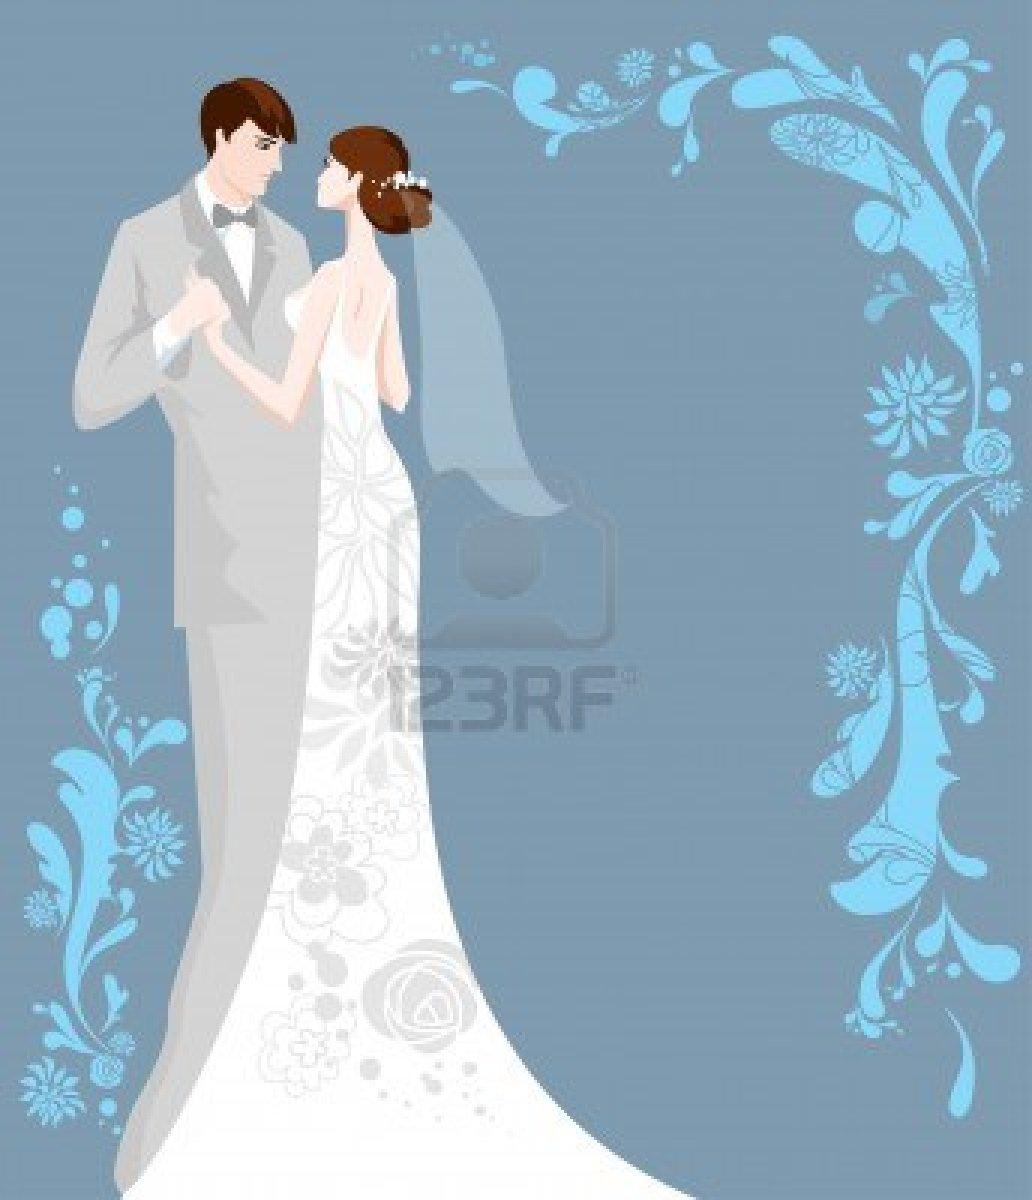 Wedding Background - Wedding Background